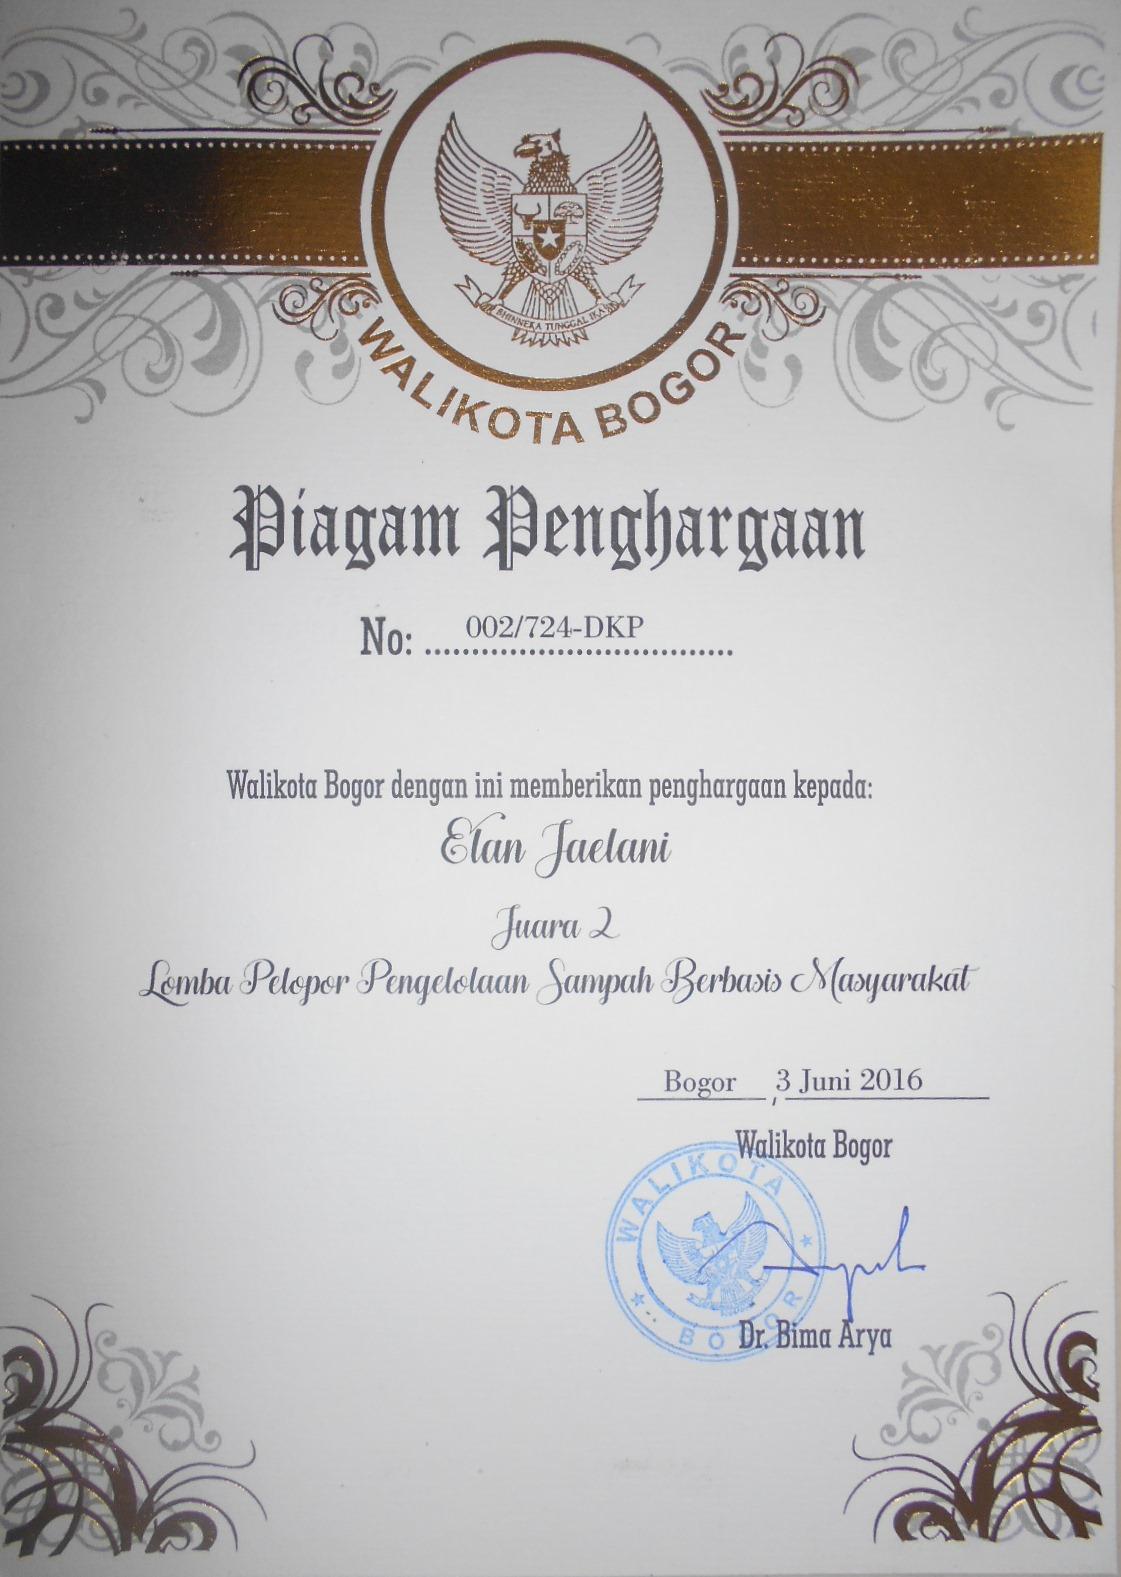 Piagam Penghargaan dari Walikota Bogor Tahun 2016